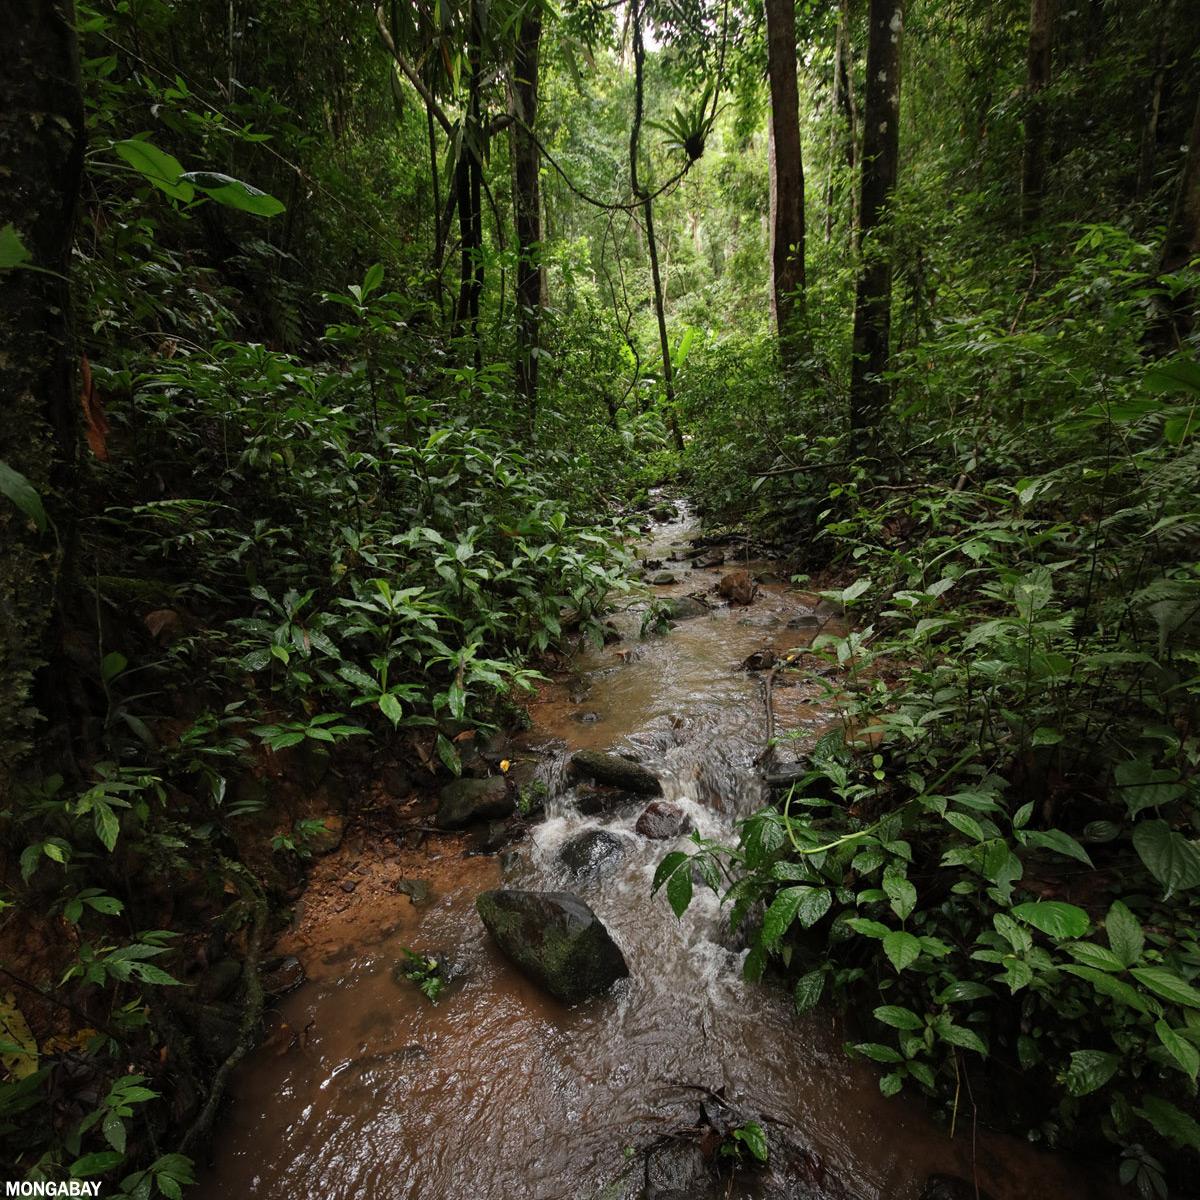 Rainforest in Xishuangbanna, Yunnan, China. Photo credit: Rhett A. Butler